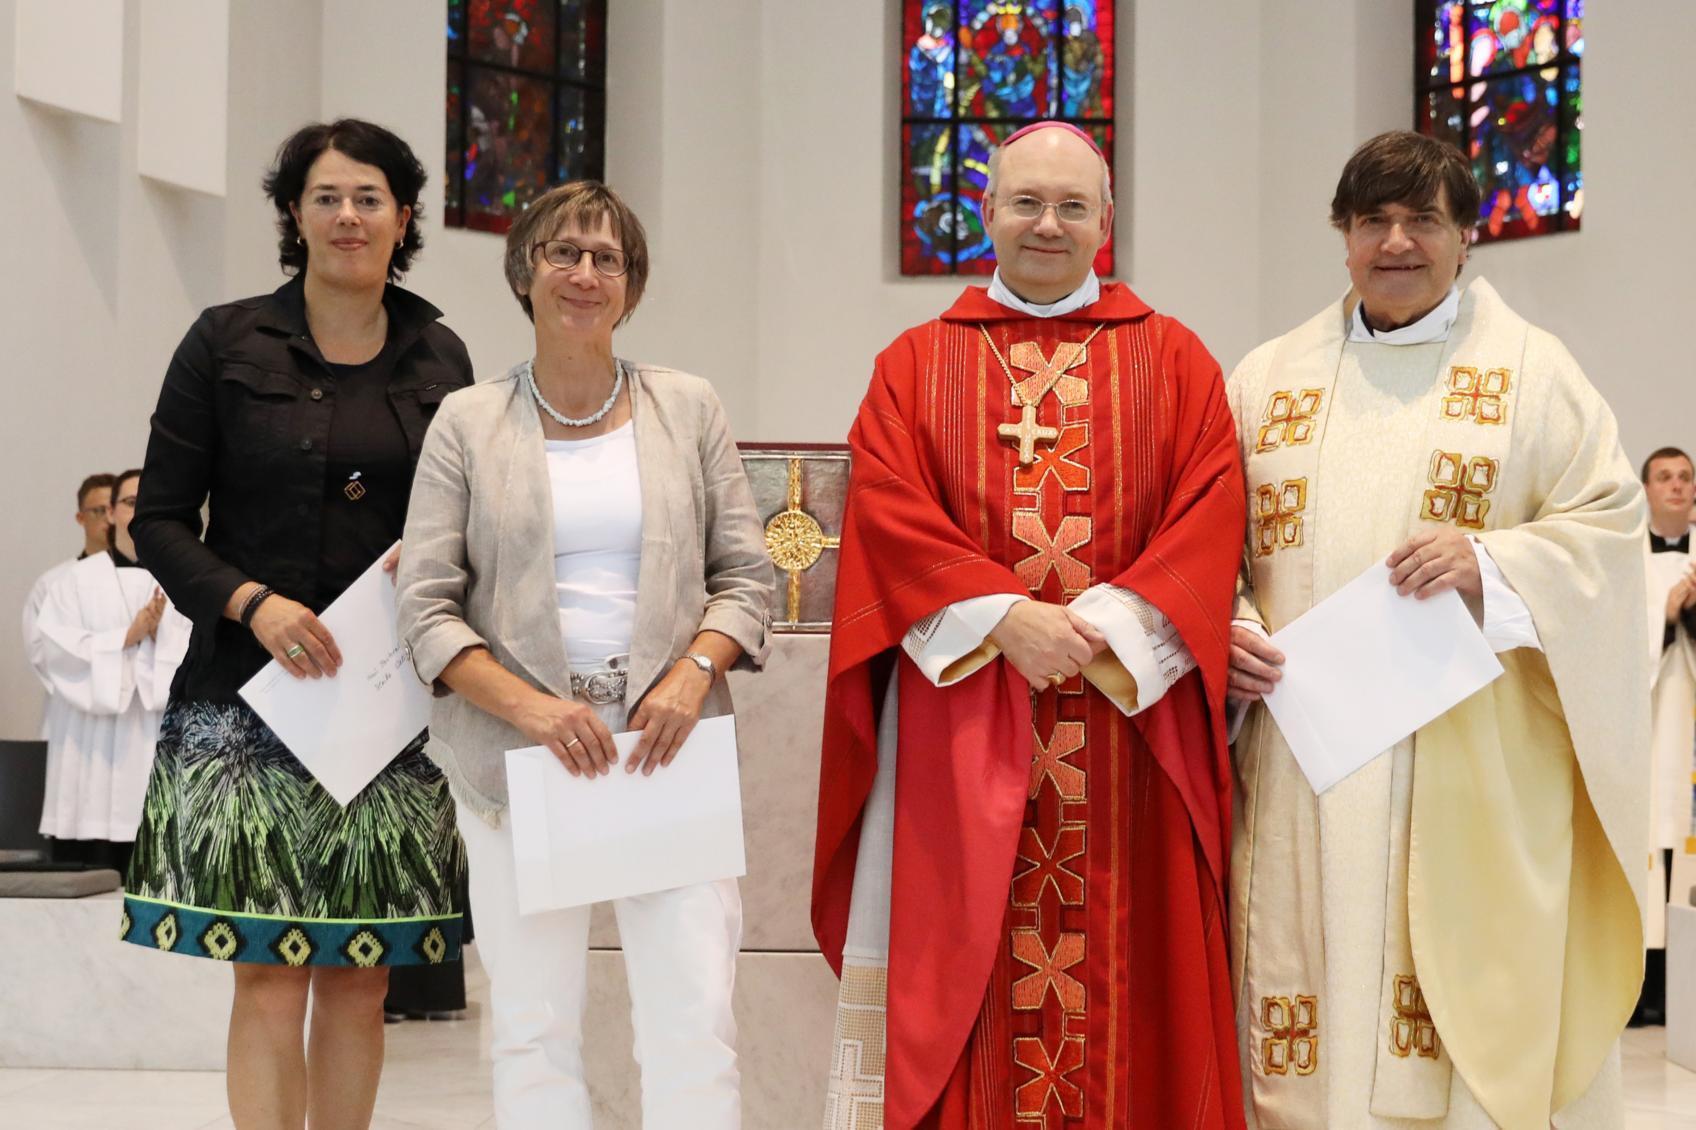 Einführung Regionalteam Mönchengladbach (c) Bistum Aachen - Andreas Steindl